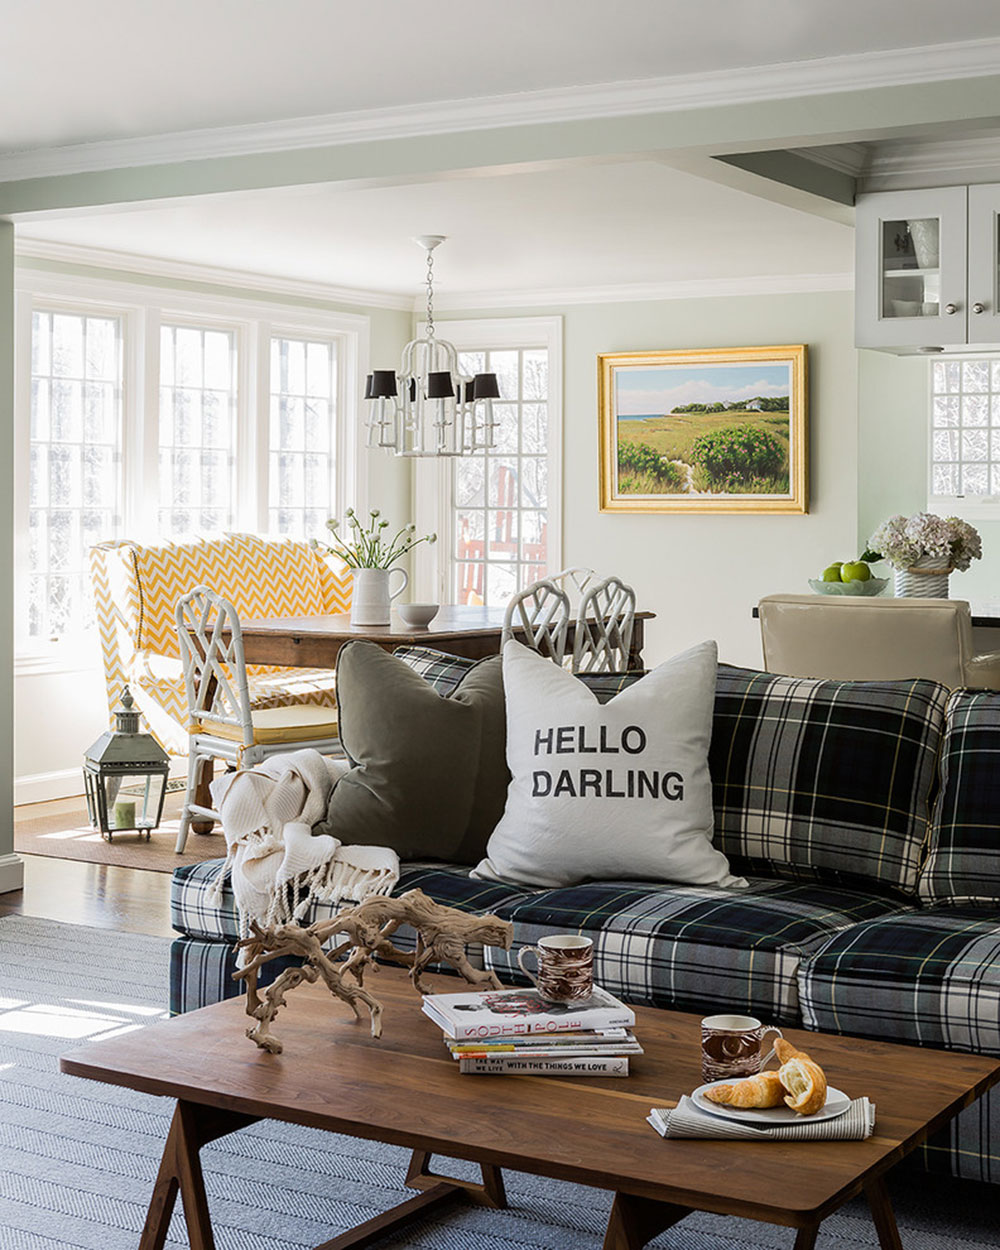 Plaid home decor for everyone1 Plaid home decor for everyone